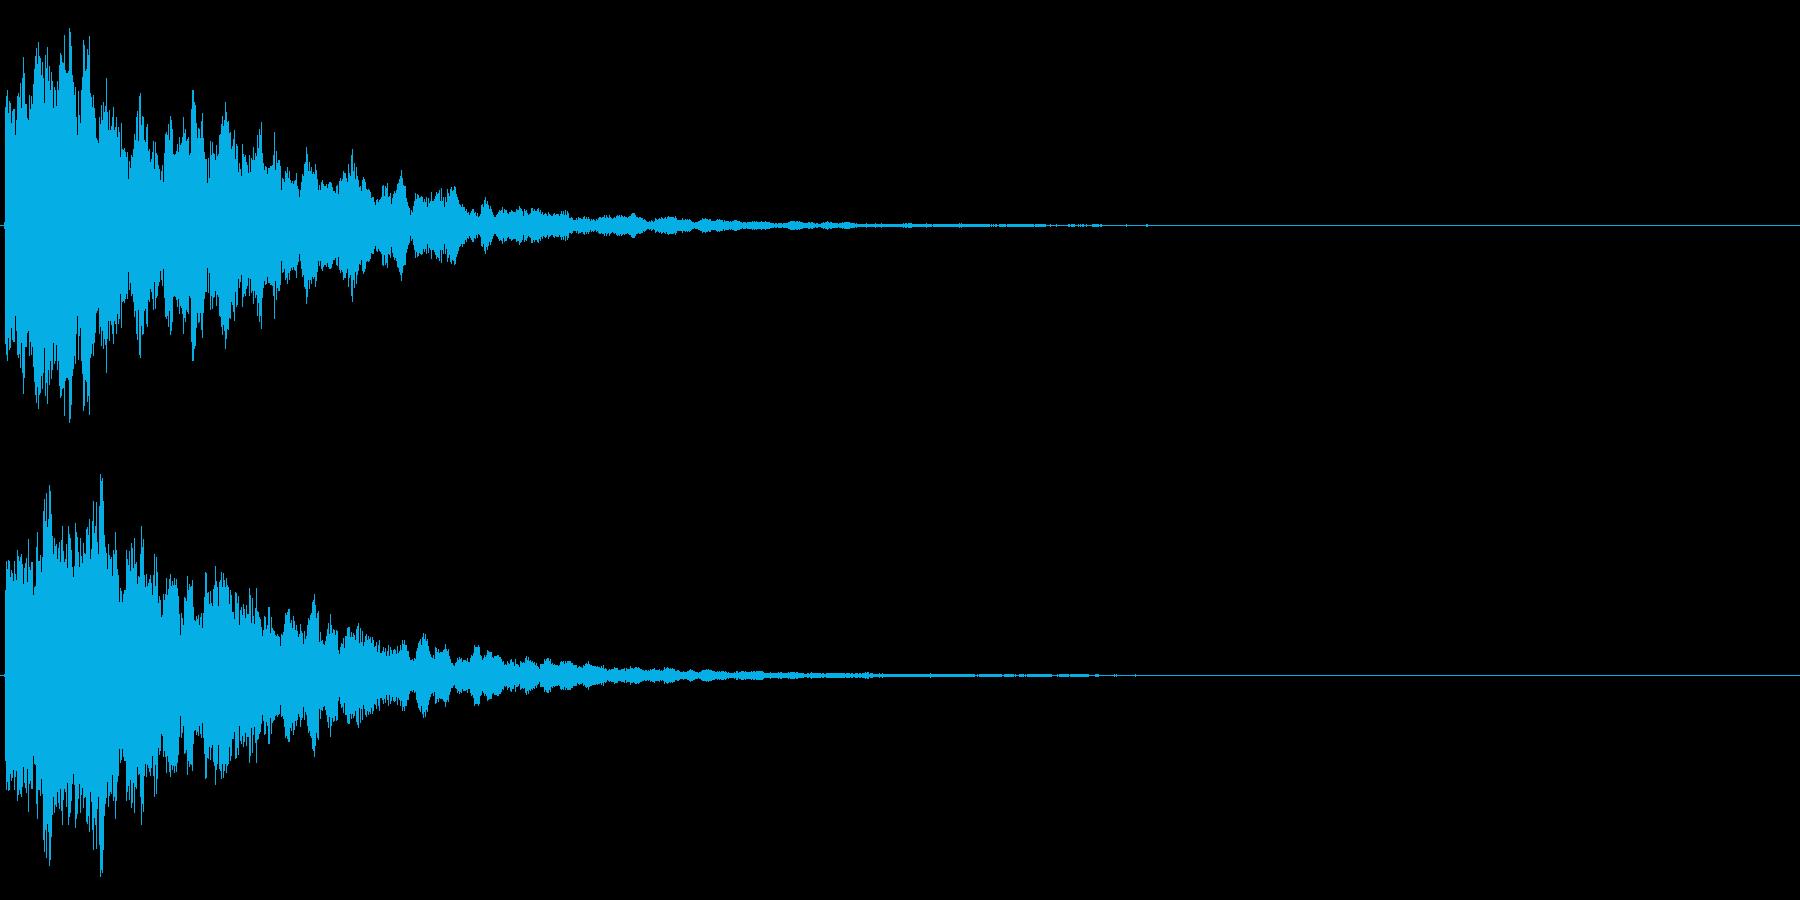 ゲームスタート、決定、ボタン音-174の再生済みの波形